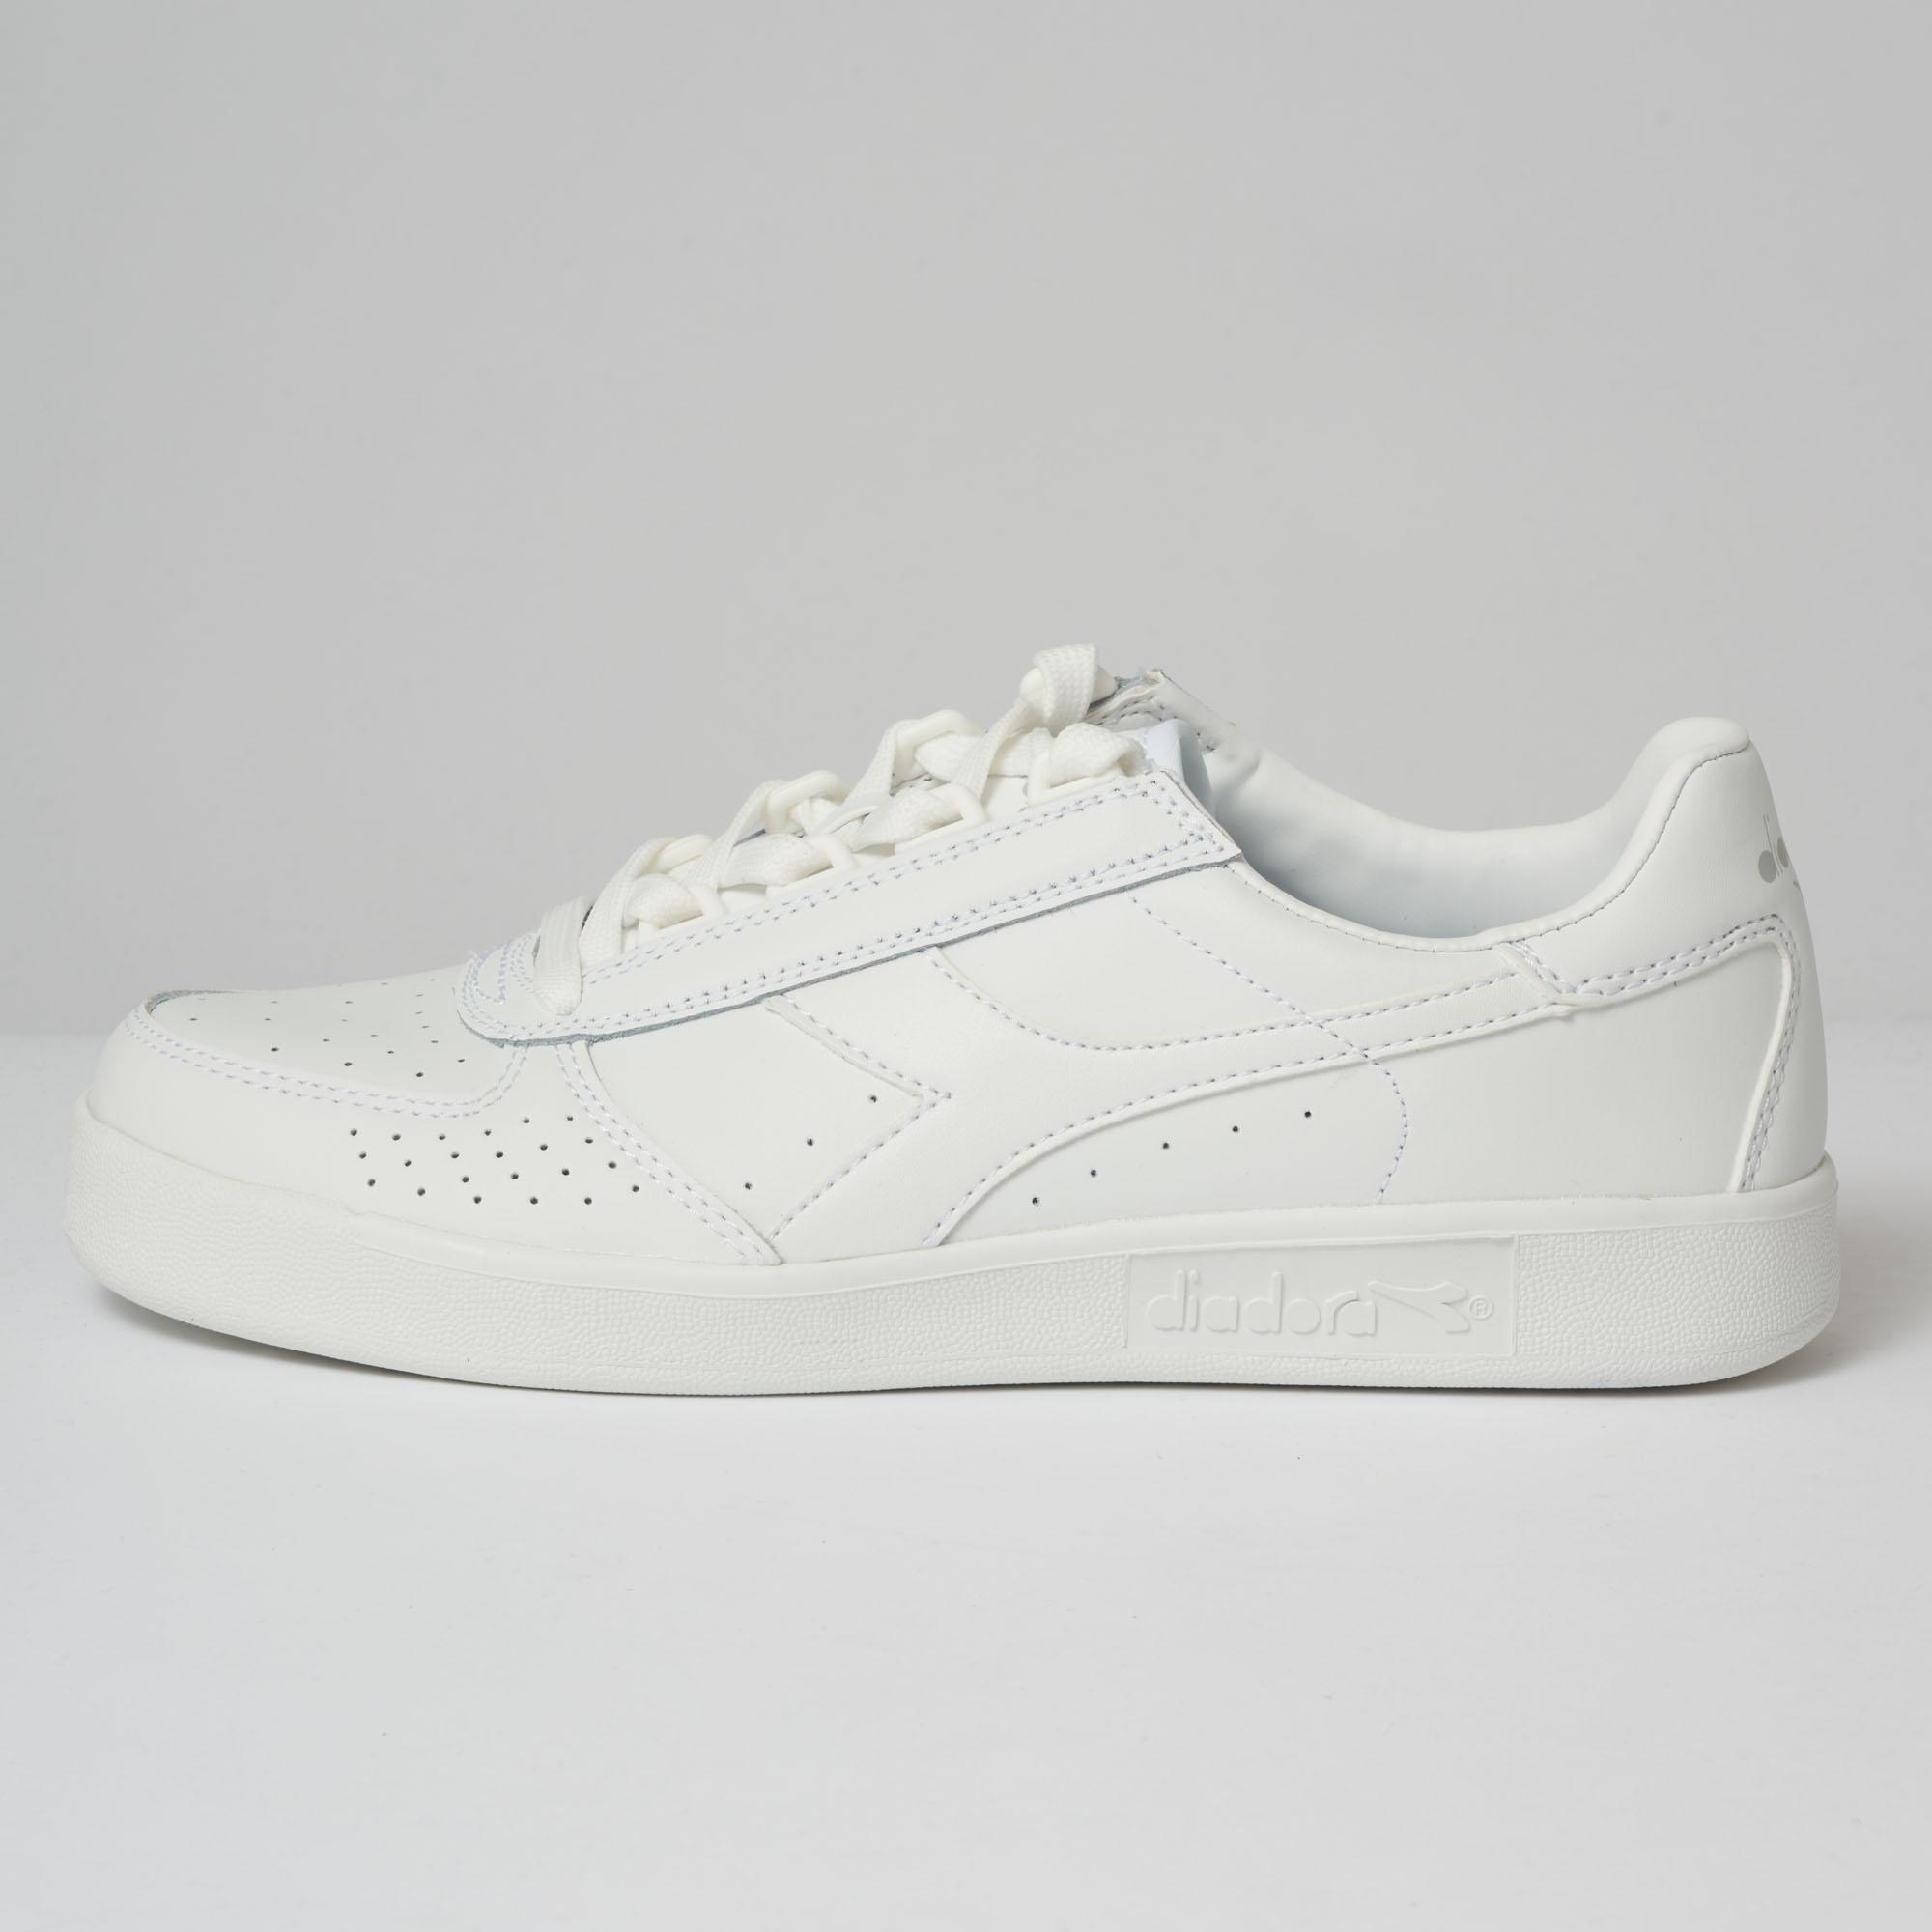 a905e14d B.Elite - Optical White & Pristine White